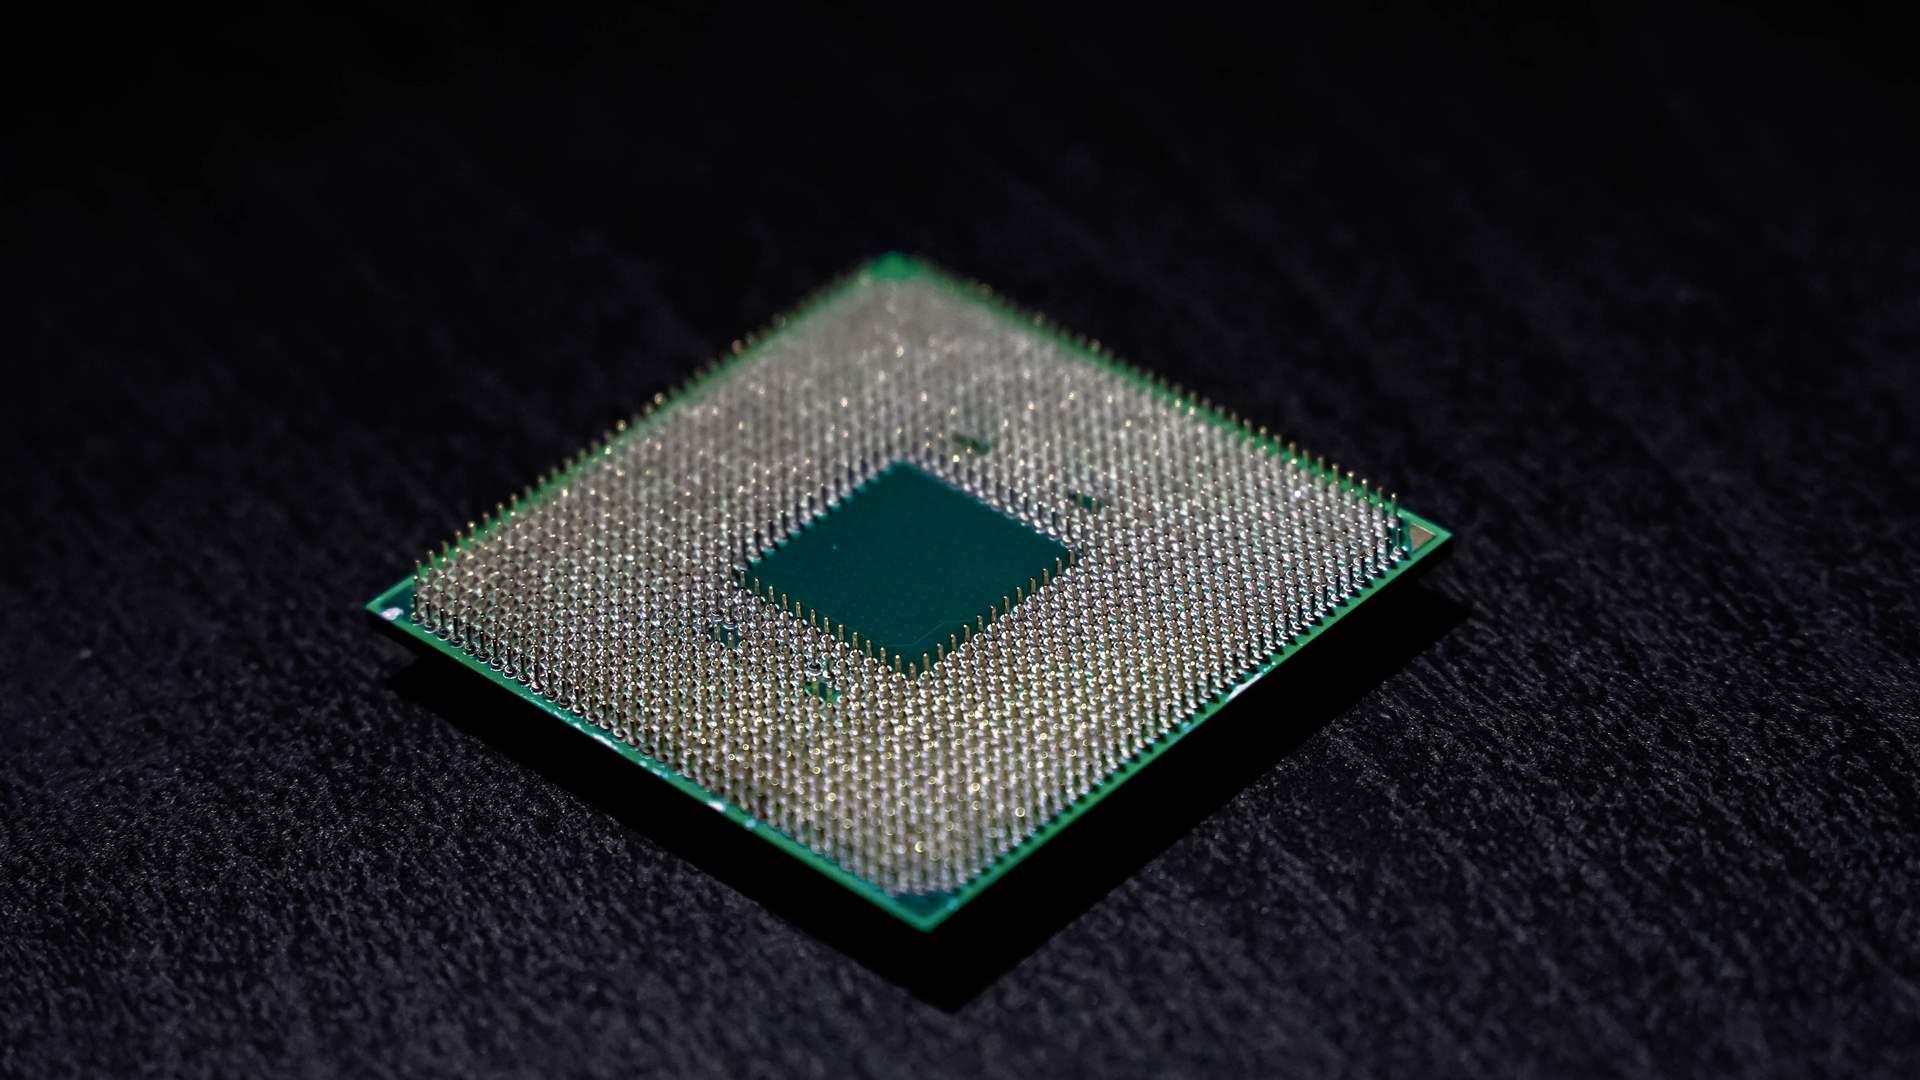 O processador é uma das peças mais importantes em um notebook barato e bom (Fonte: Shutterstock/Lord Beard)